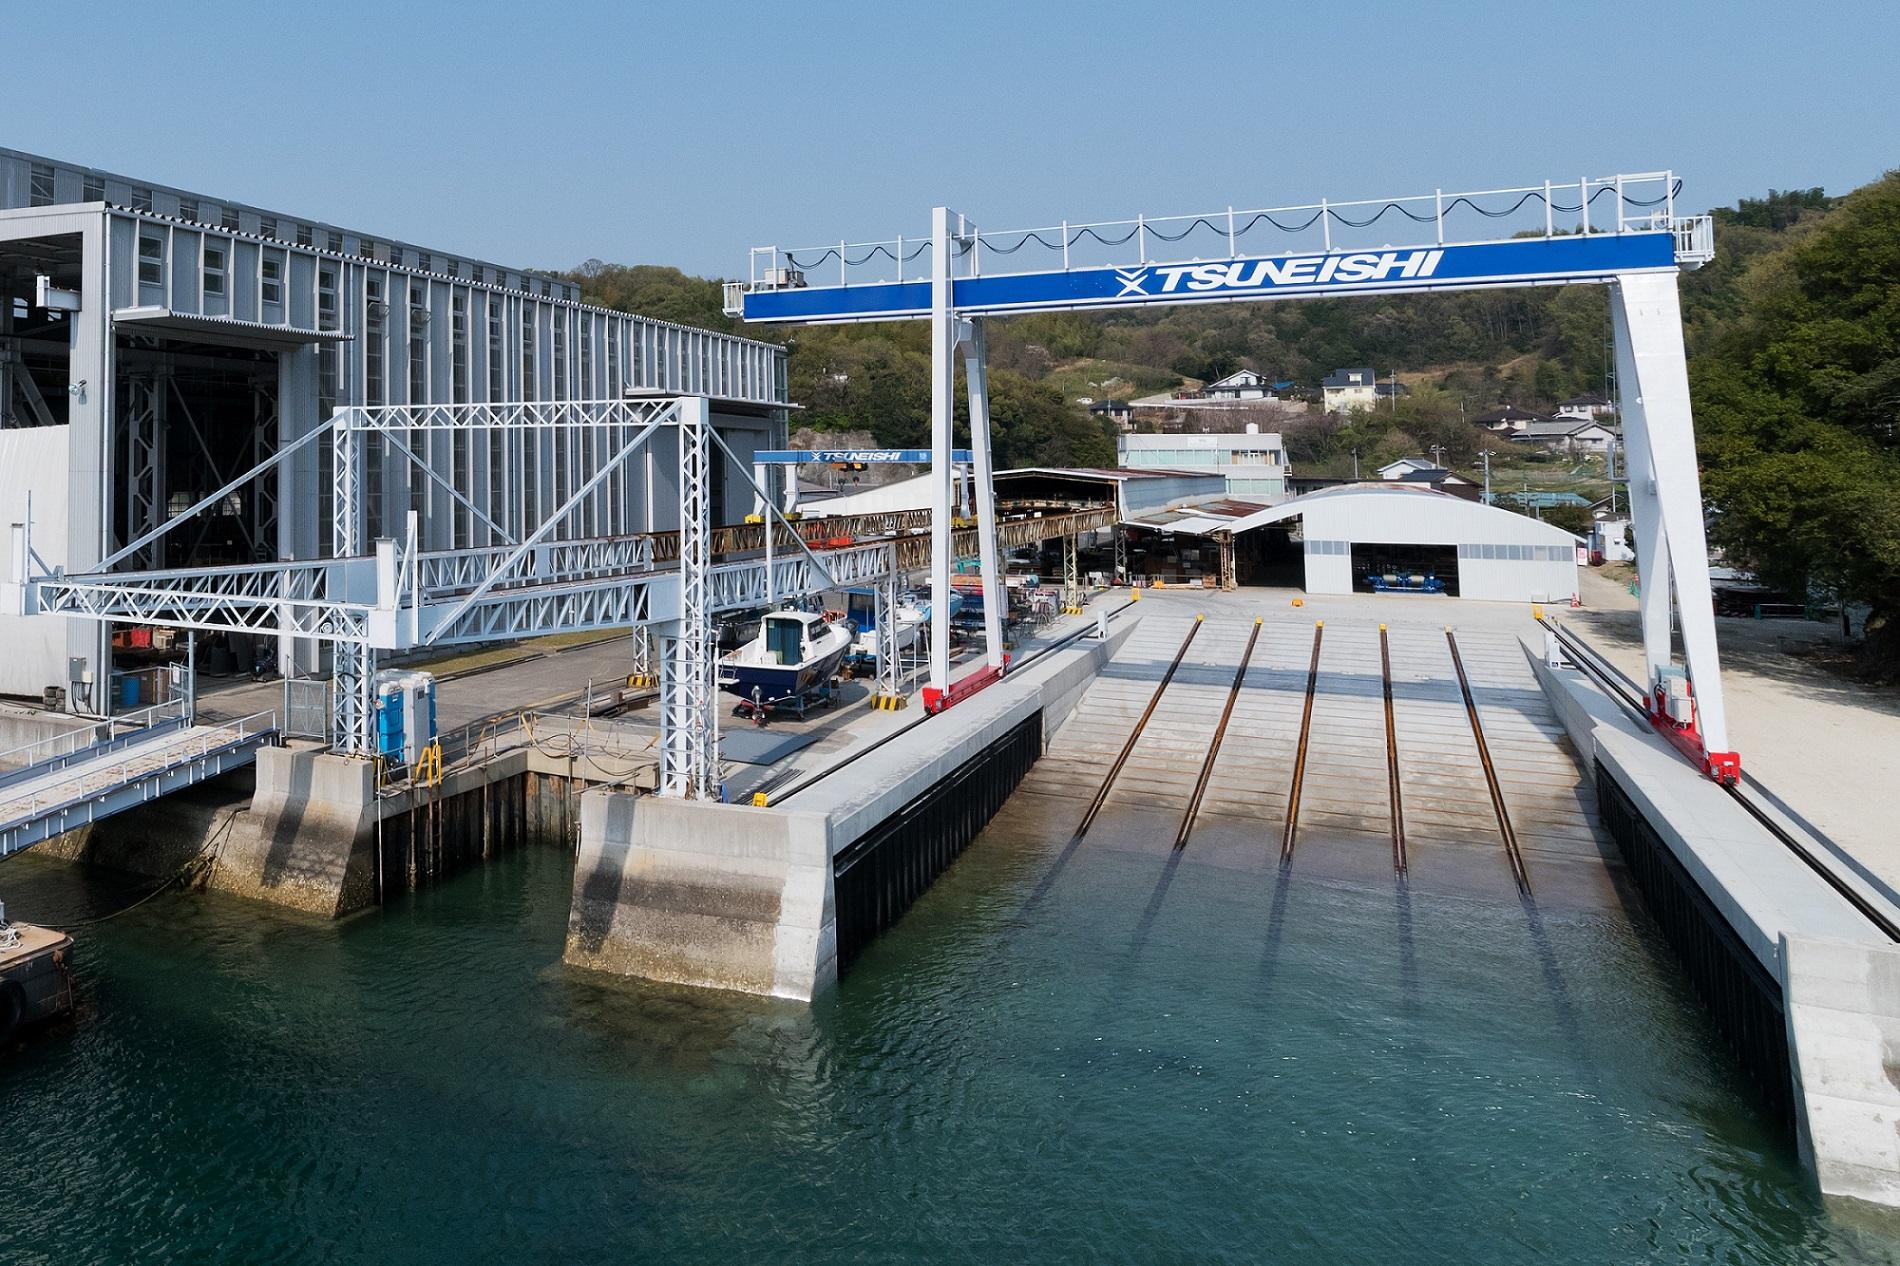 ツネイシクラフト&ファシリティーズ 引揚船台を新設しアルミ船舶の修繕事業を拡充